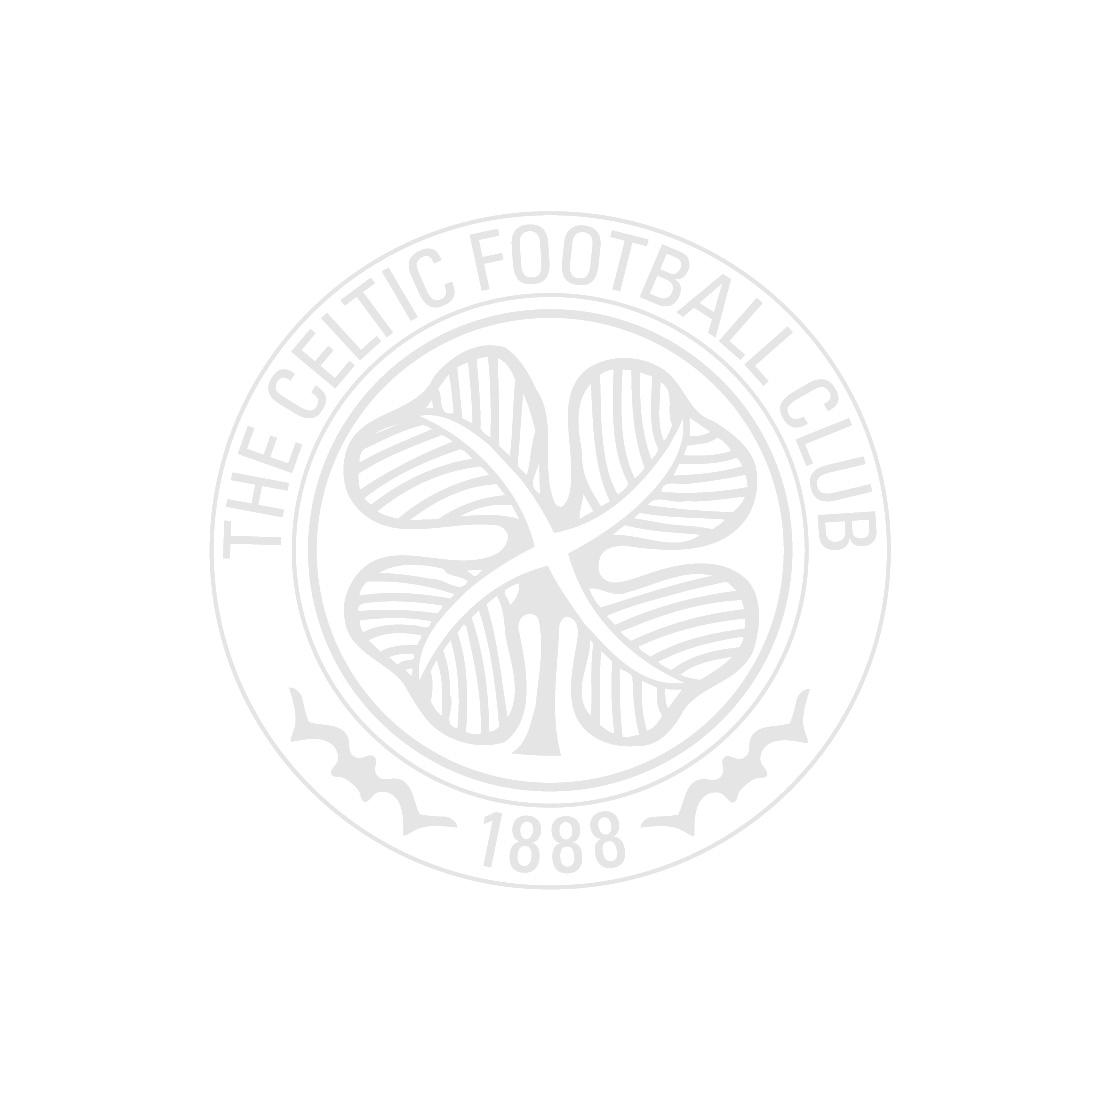 Celtic Hooped Dog Jacket